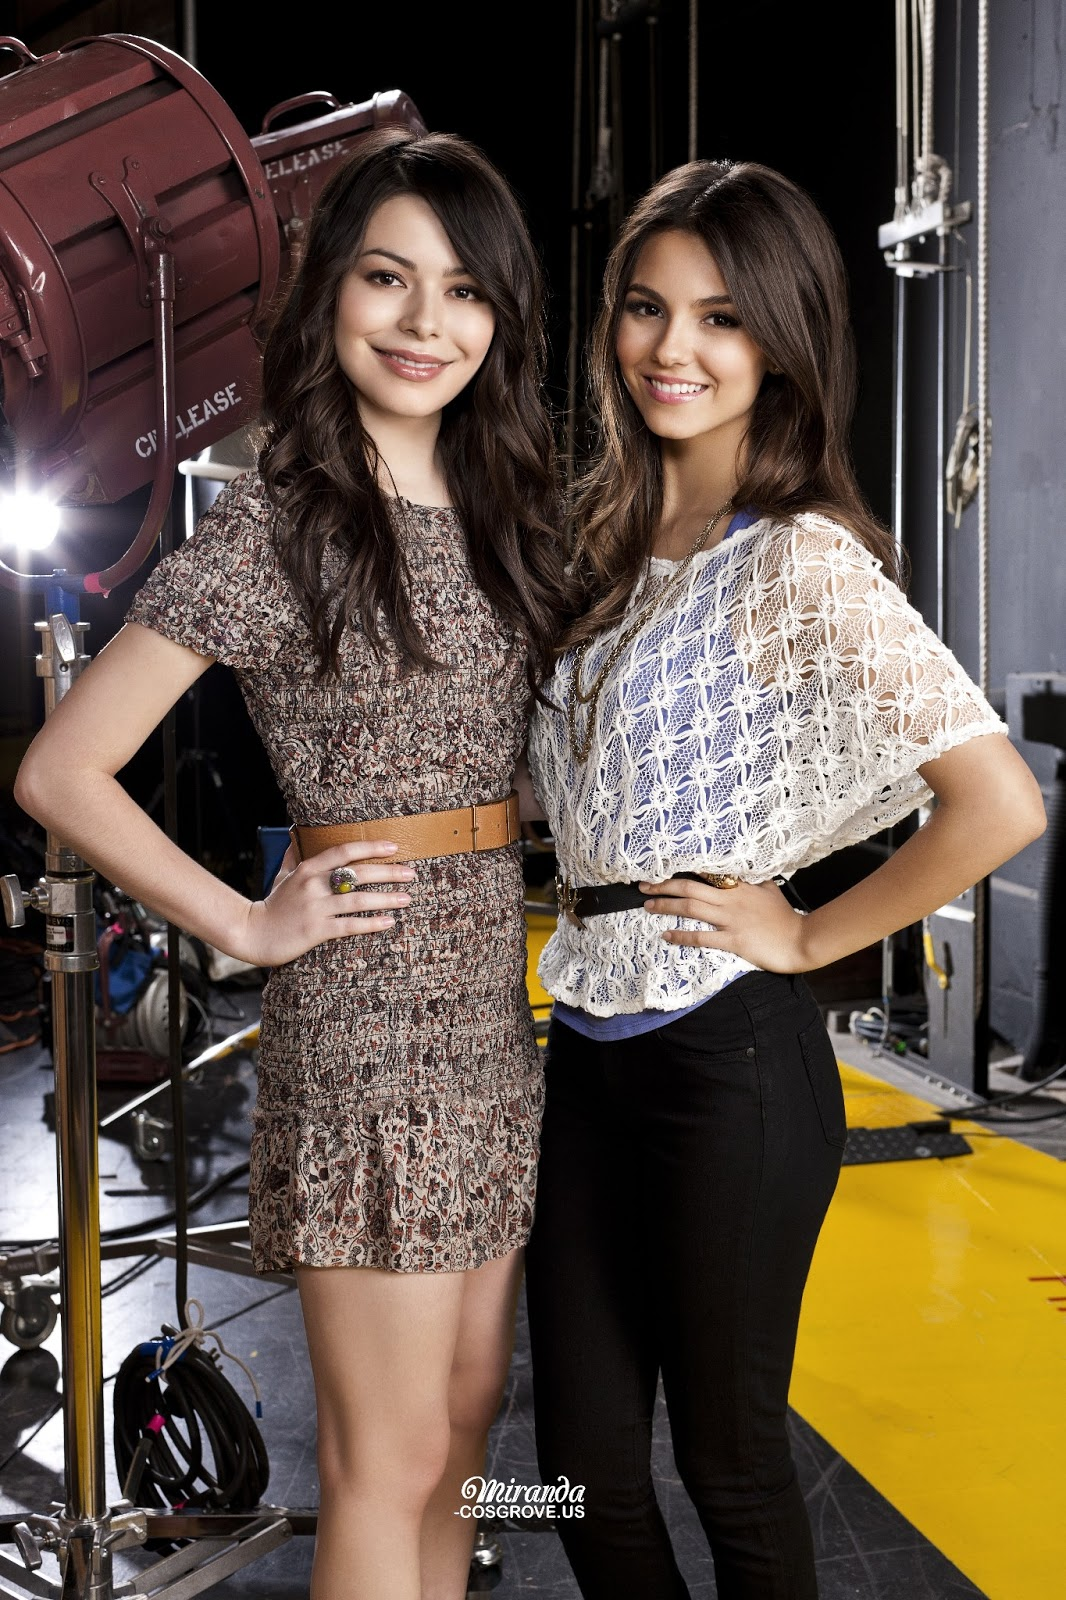 Dos chicas nuevas en la mansion de nacho vidal - 5 3